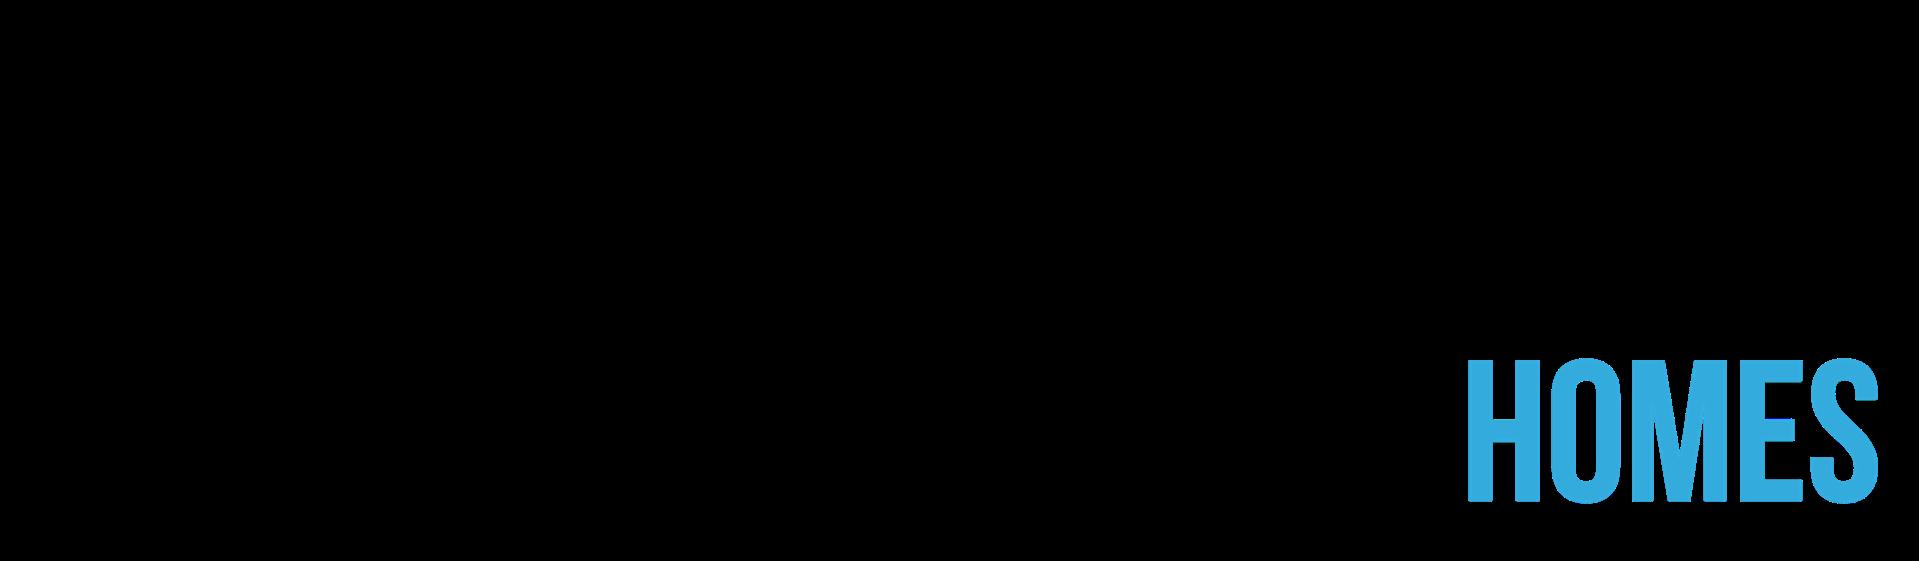 EN-VISION HOME SOLUTIONS  logo